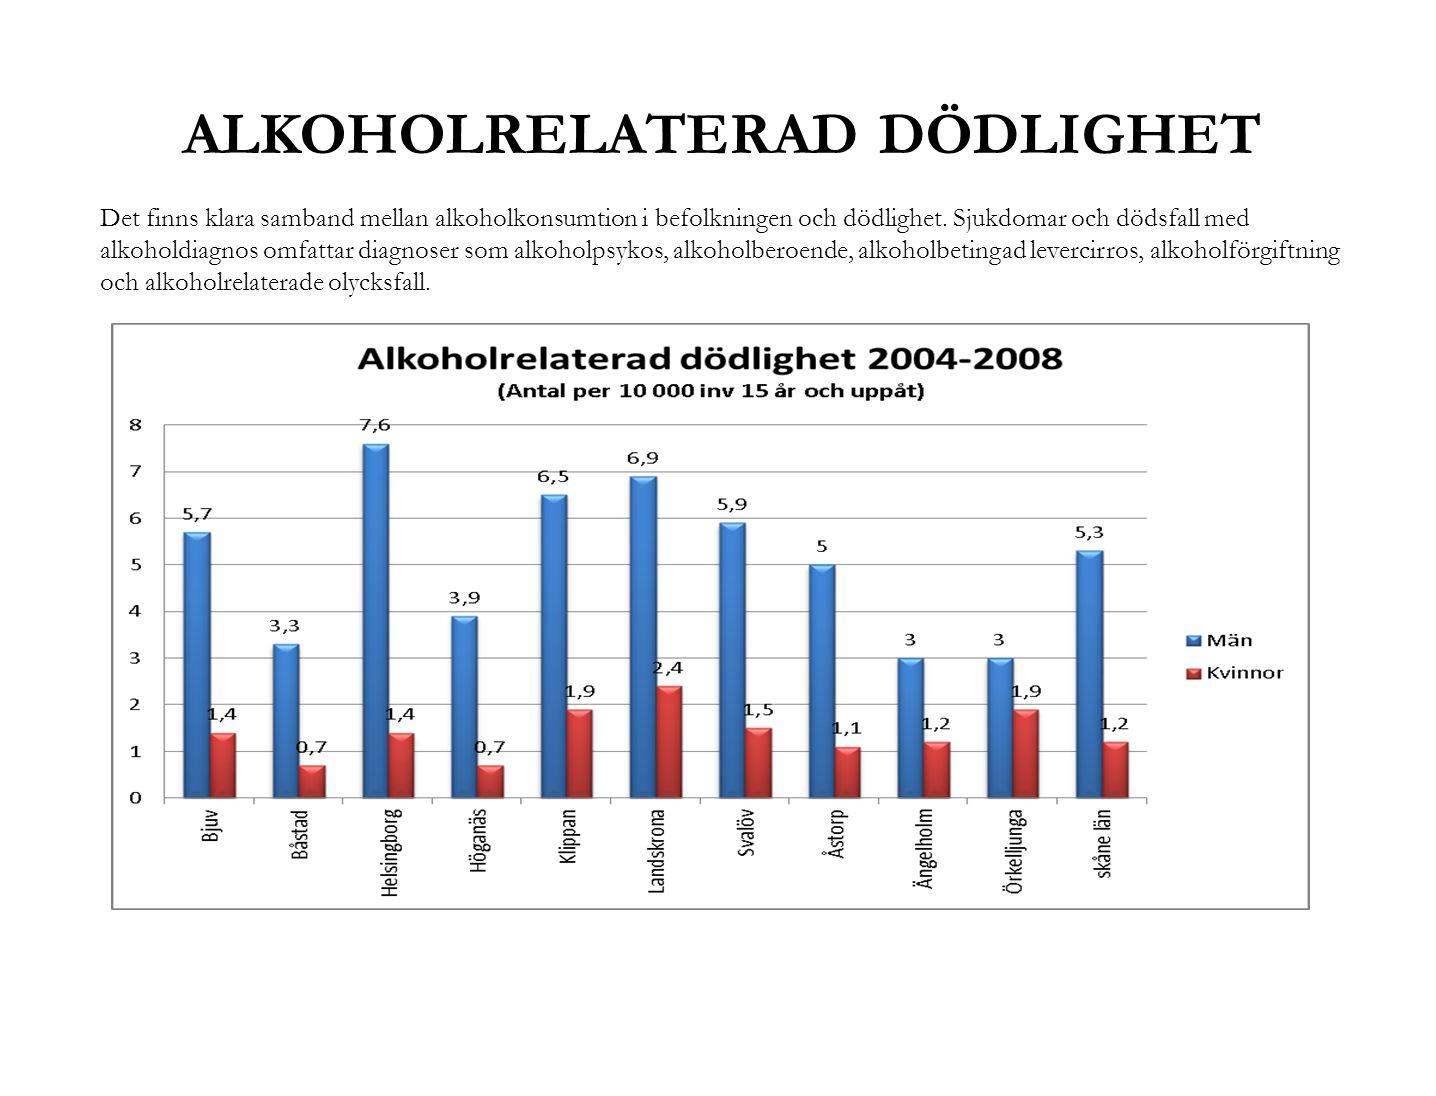 ALKOHOLRELATERAD DÖDLIGHET